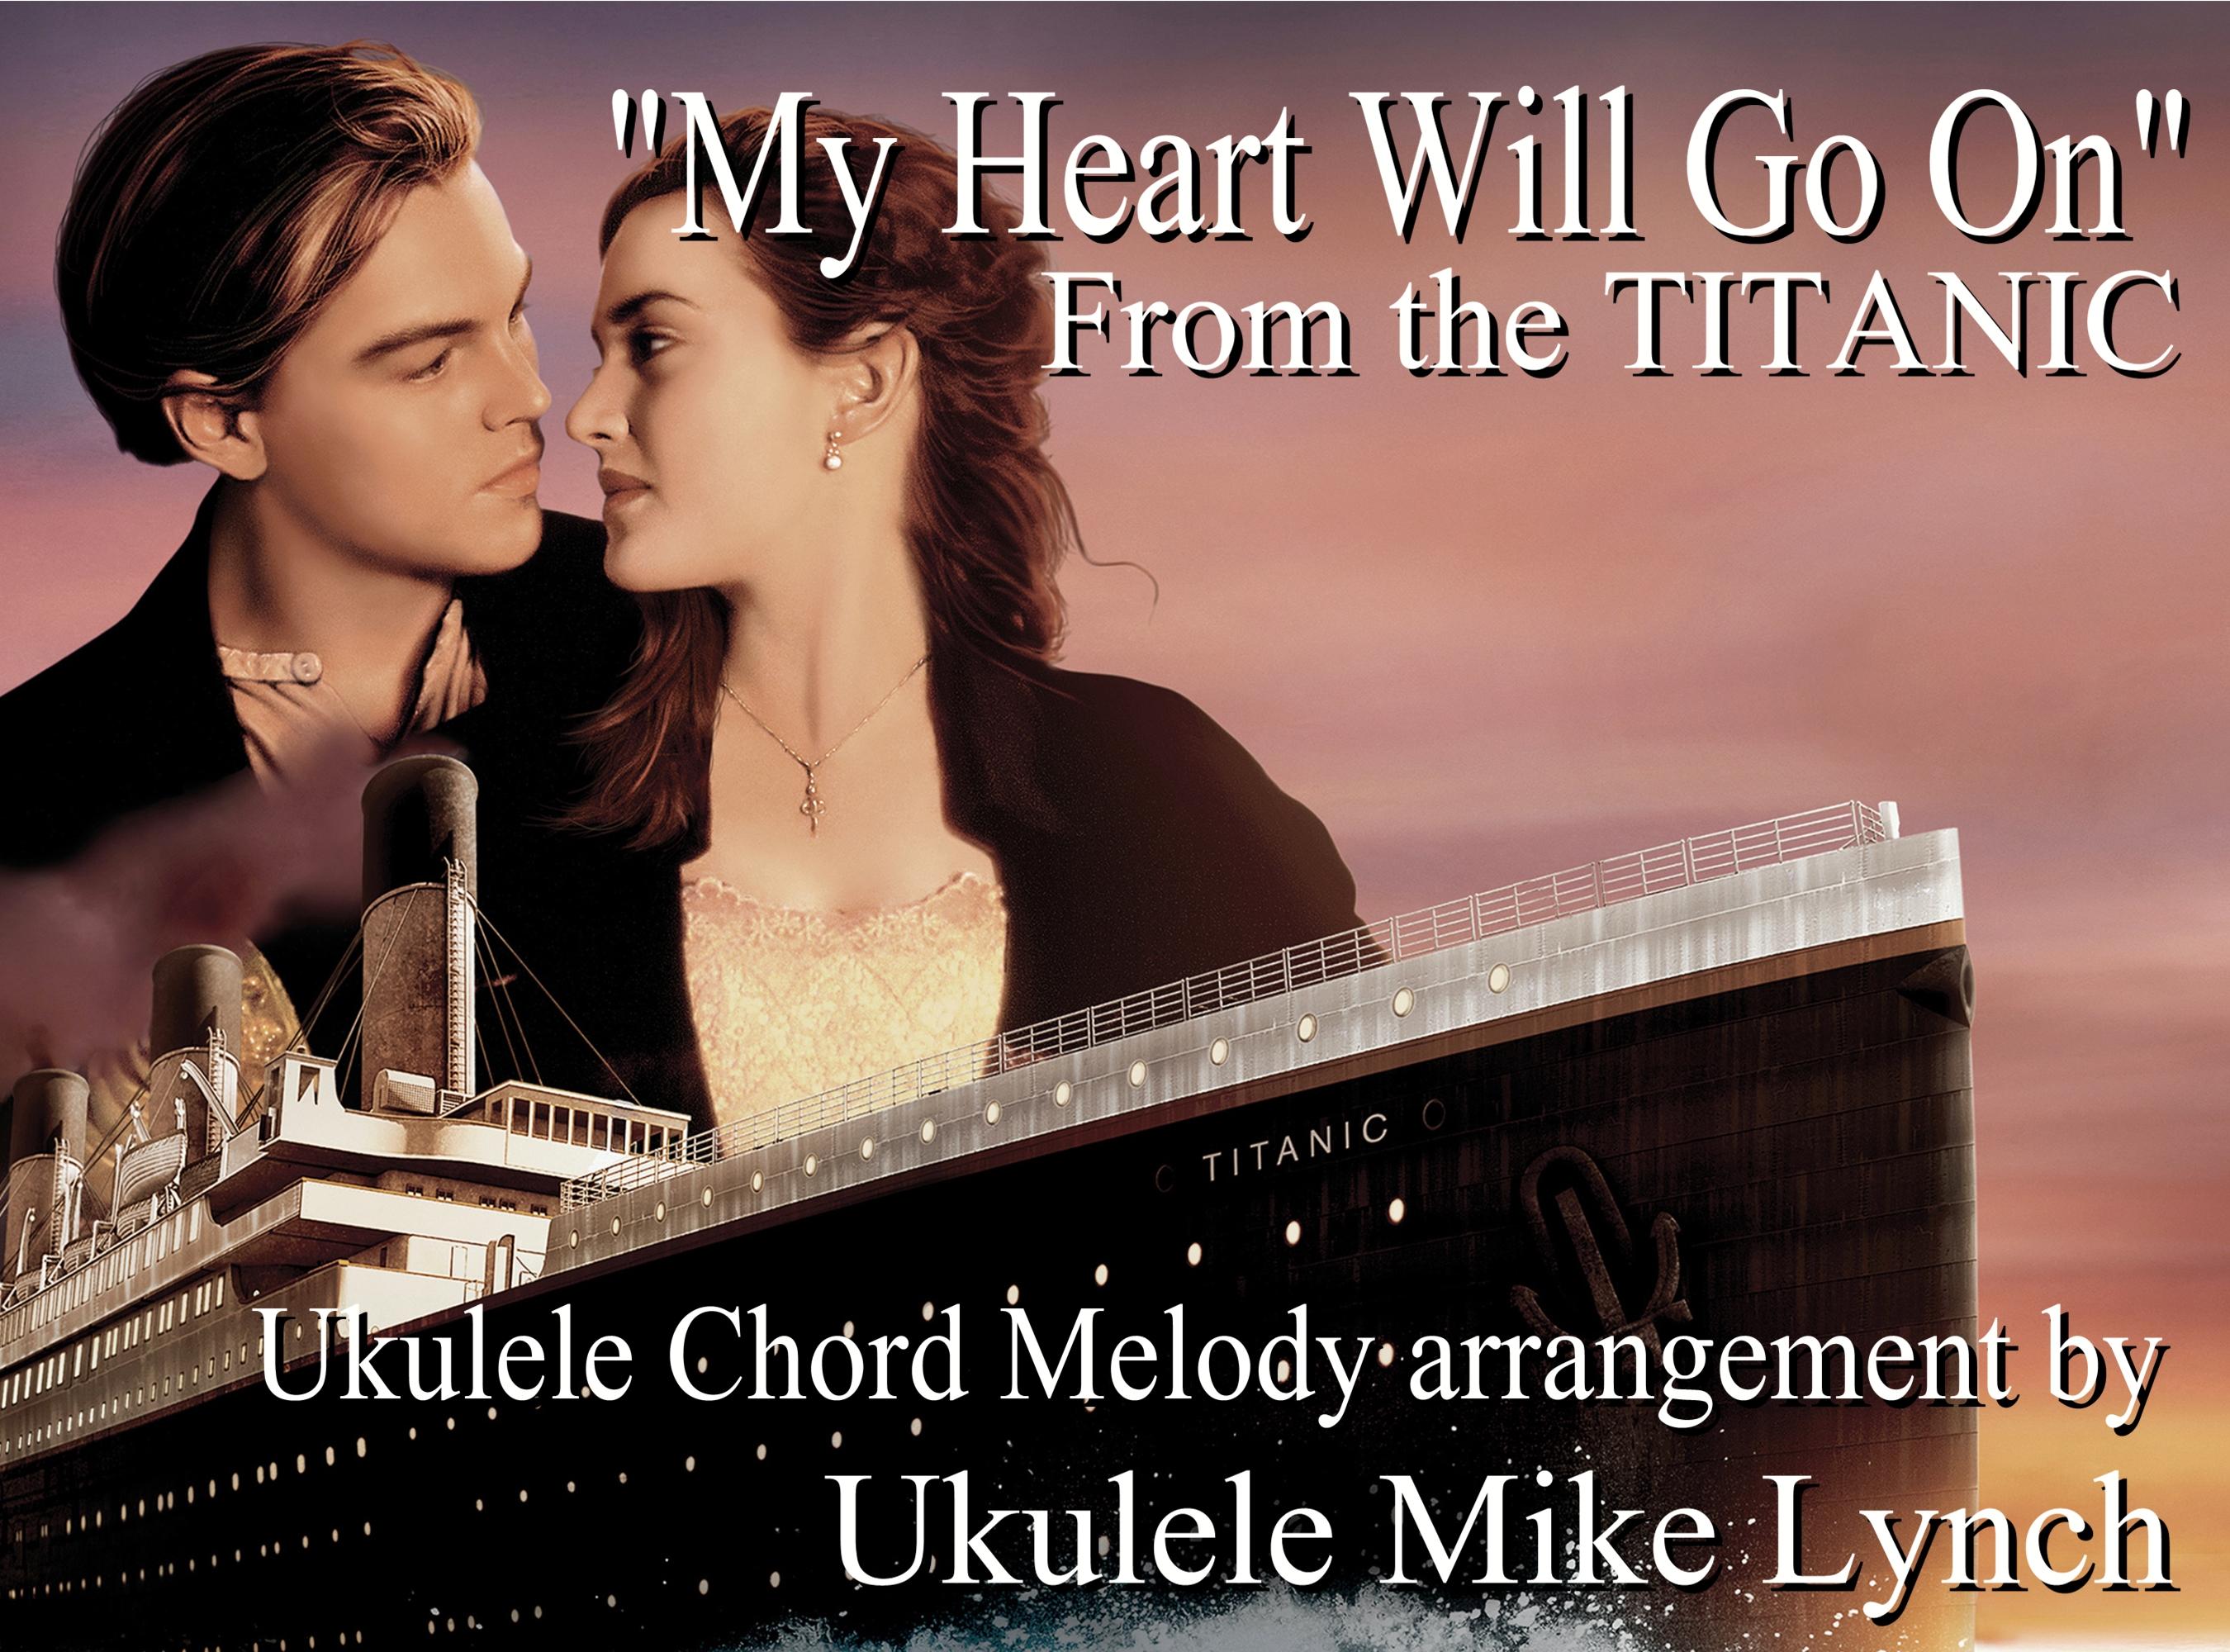 Melody Solo Arrangement On The Ukulele